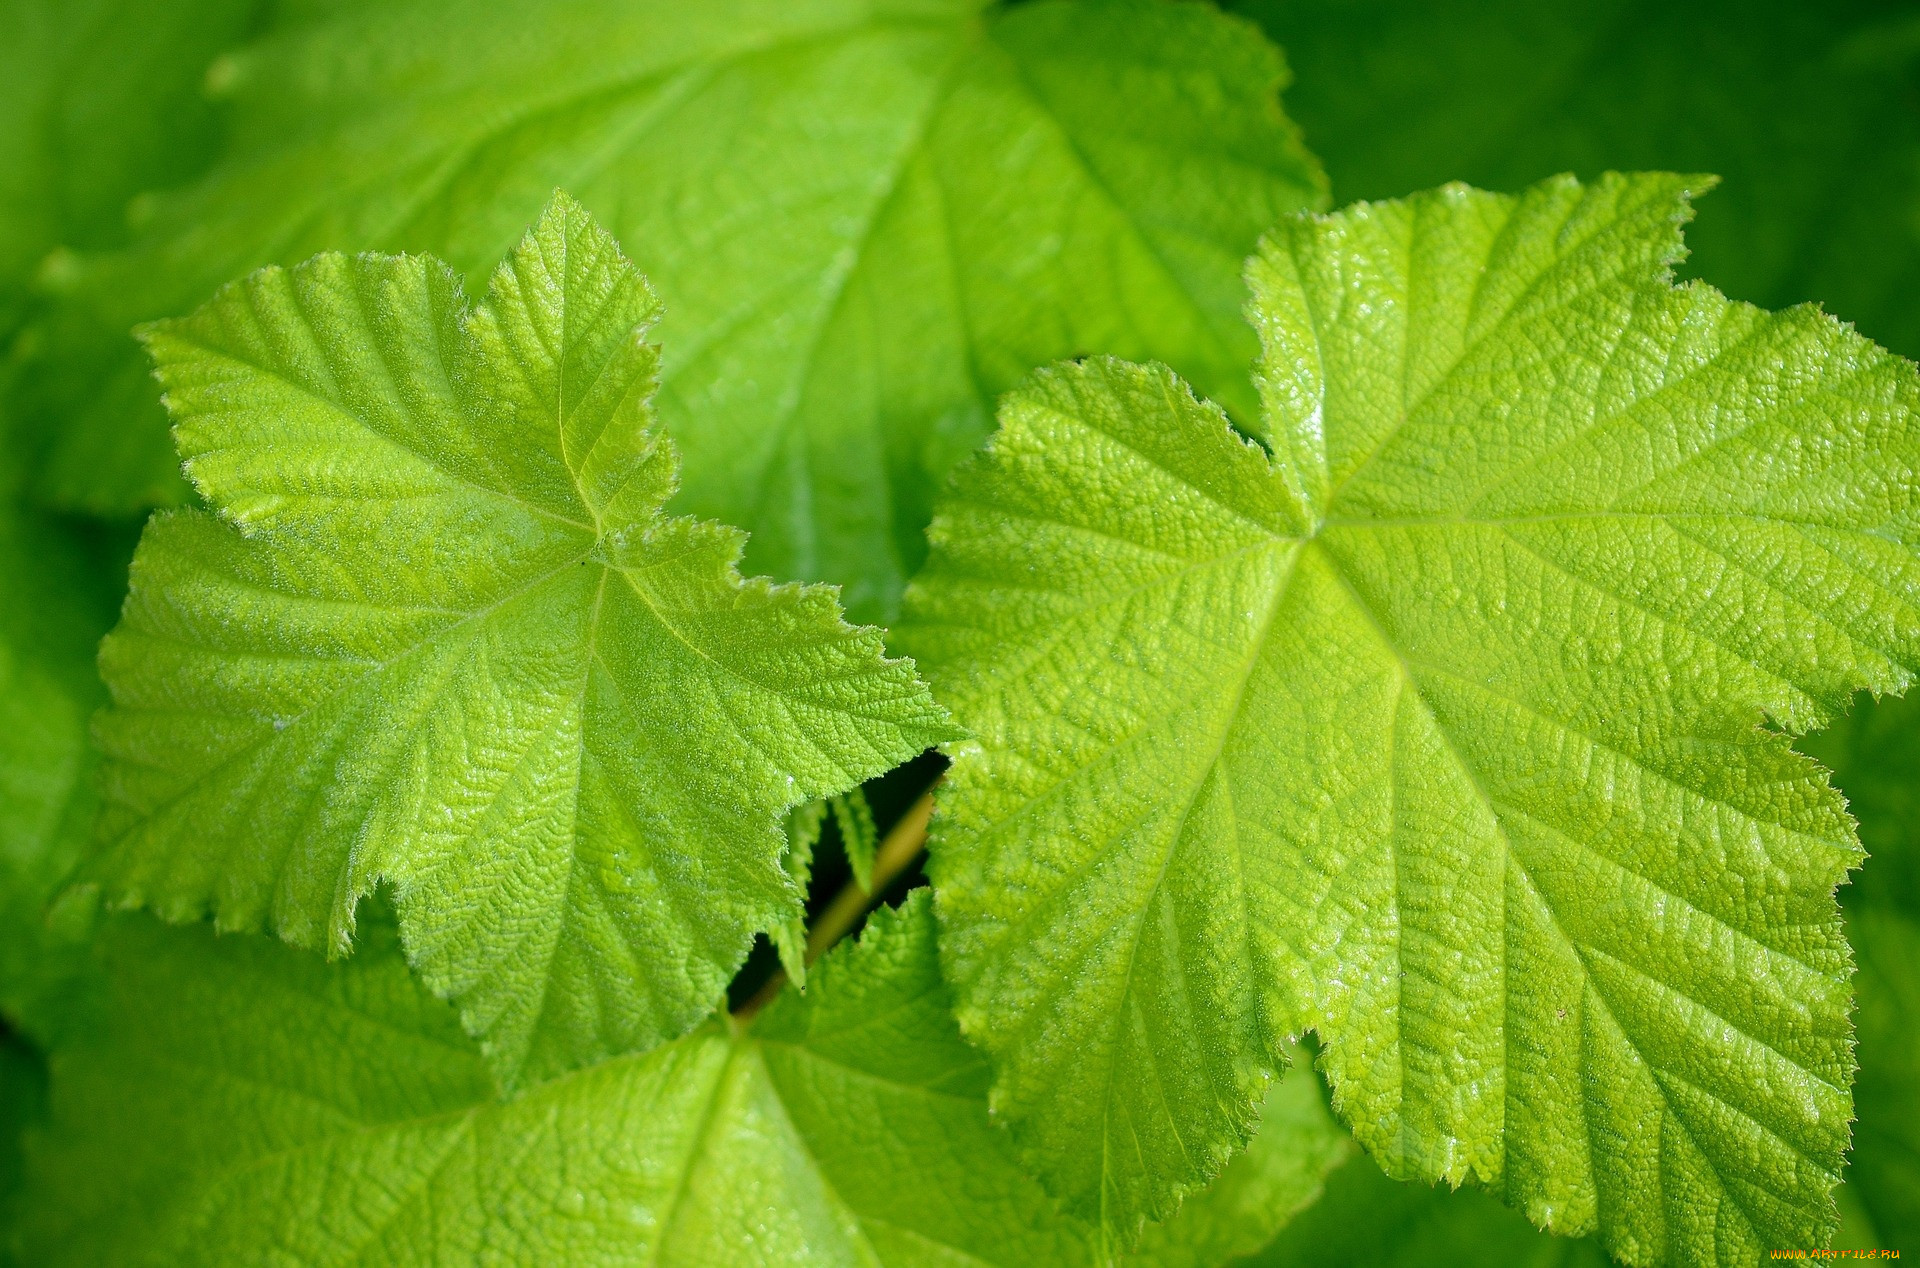 металлический сайдинг фото листа винограда этом небольшом городке